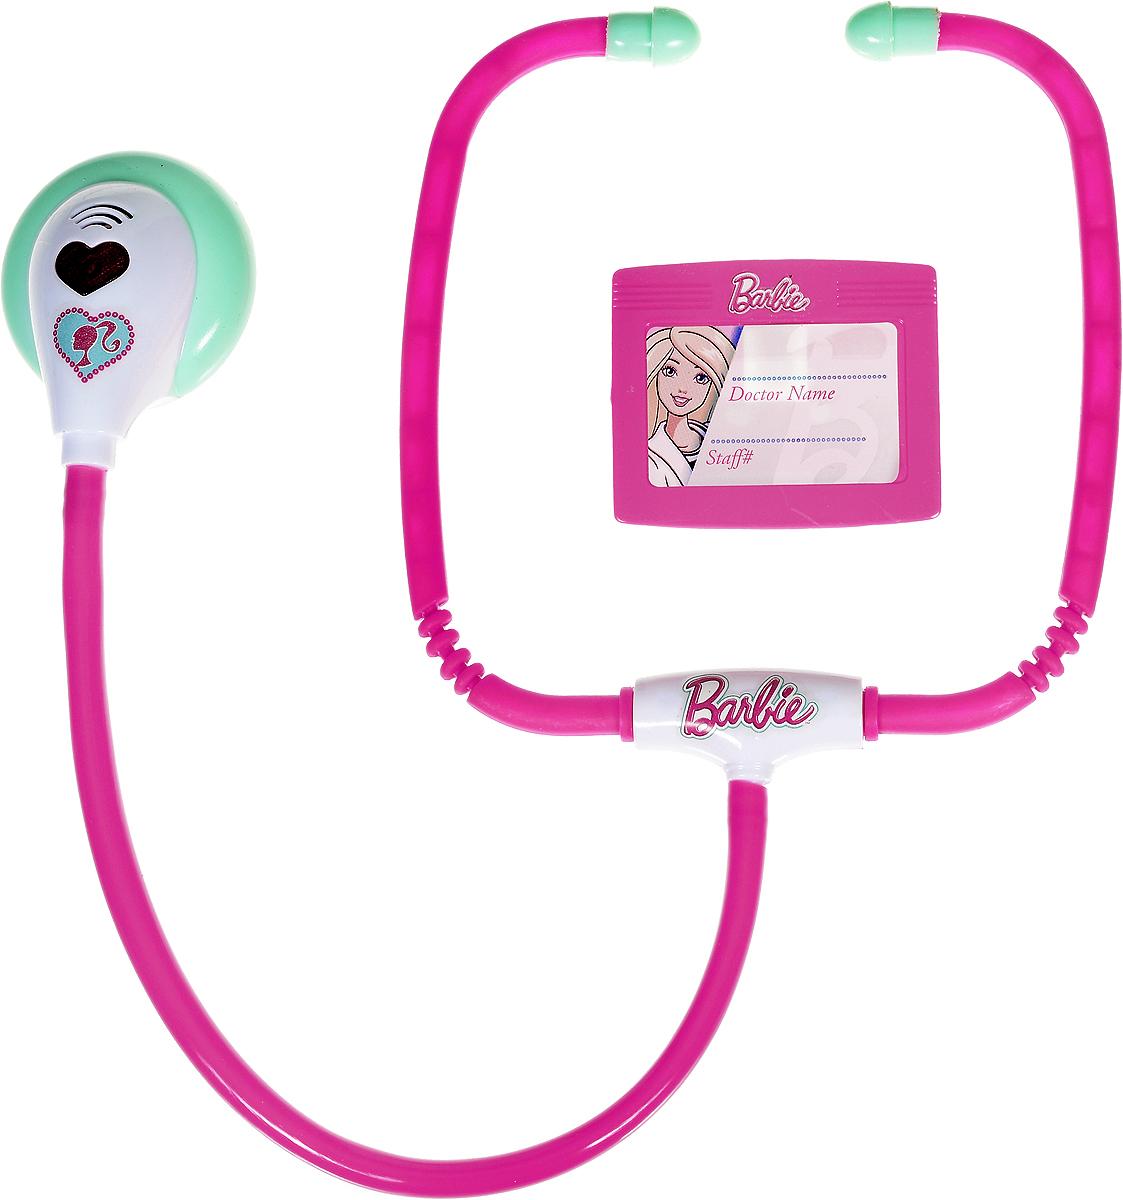 Купить Corpa Игровой набор Юный доктор Barbie 2 предмета, Сюжетно-ролевые игрушки